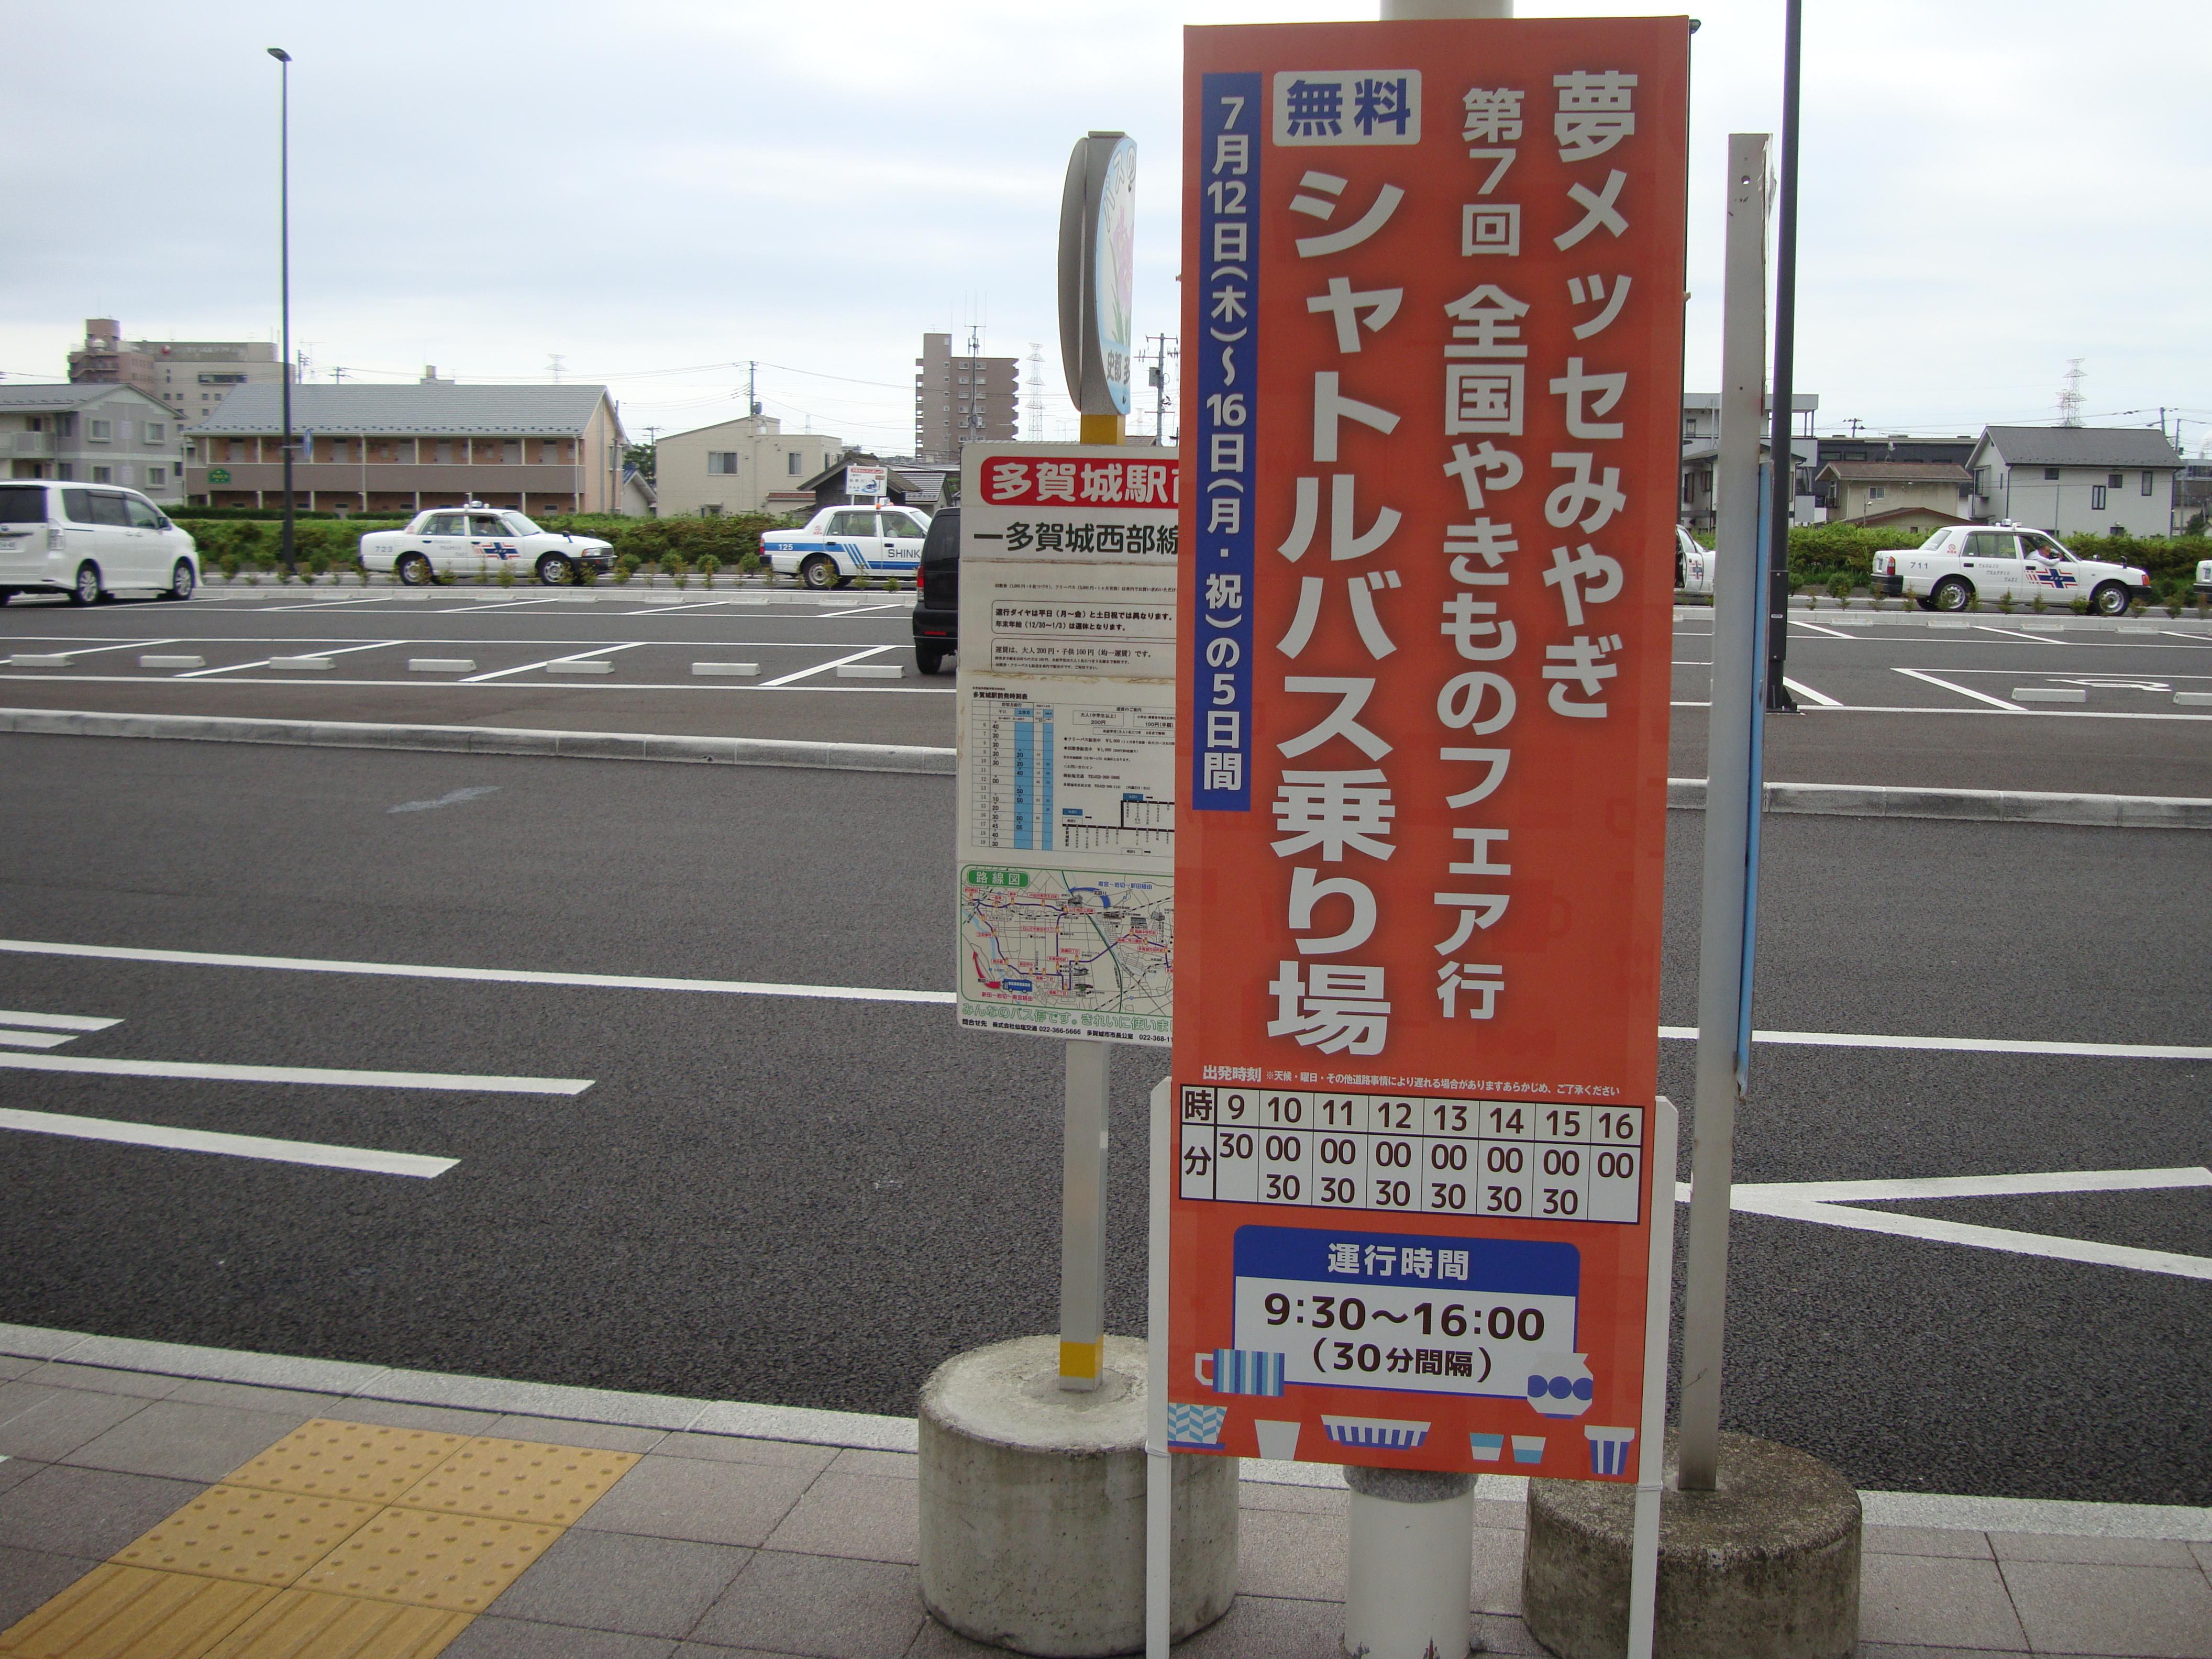 第7回全国やきものフェア in みやぎシャトルバス運行開始!!